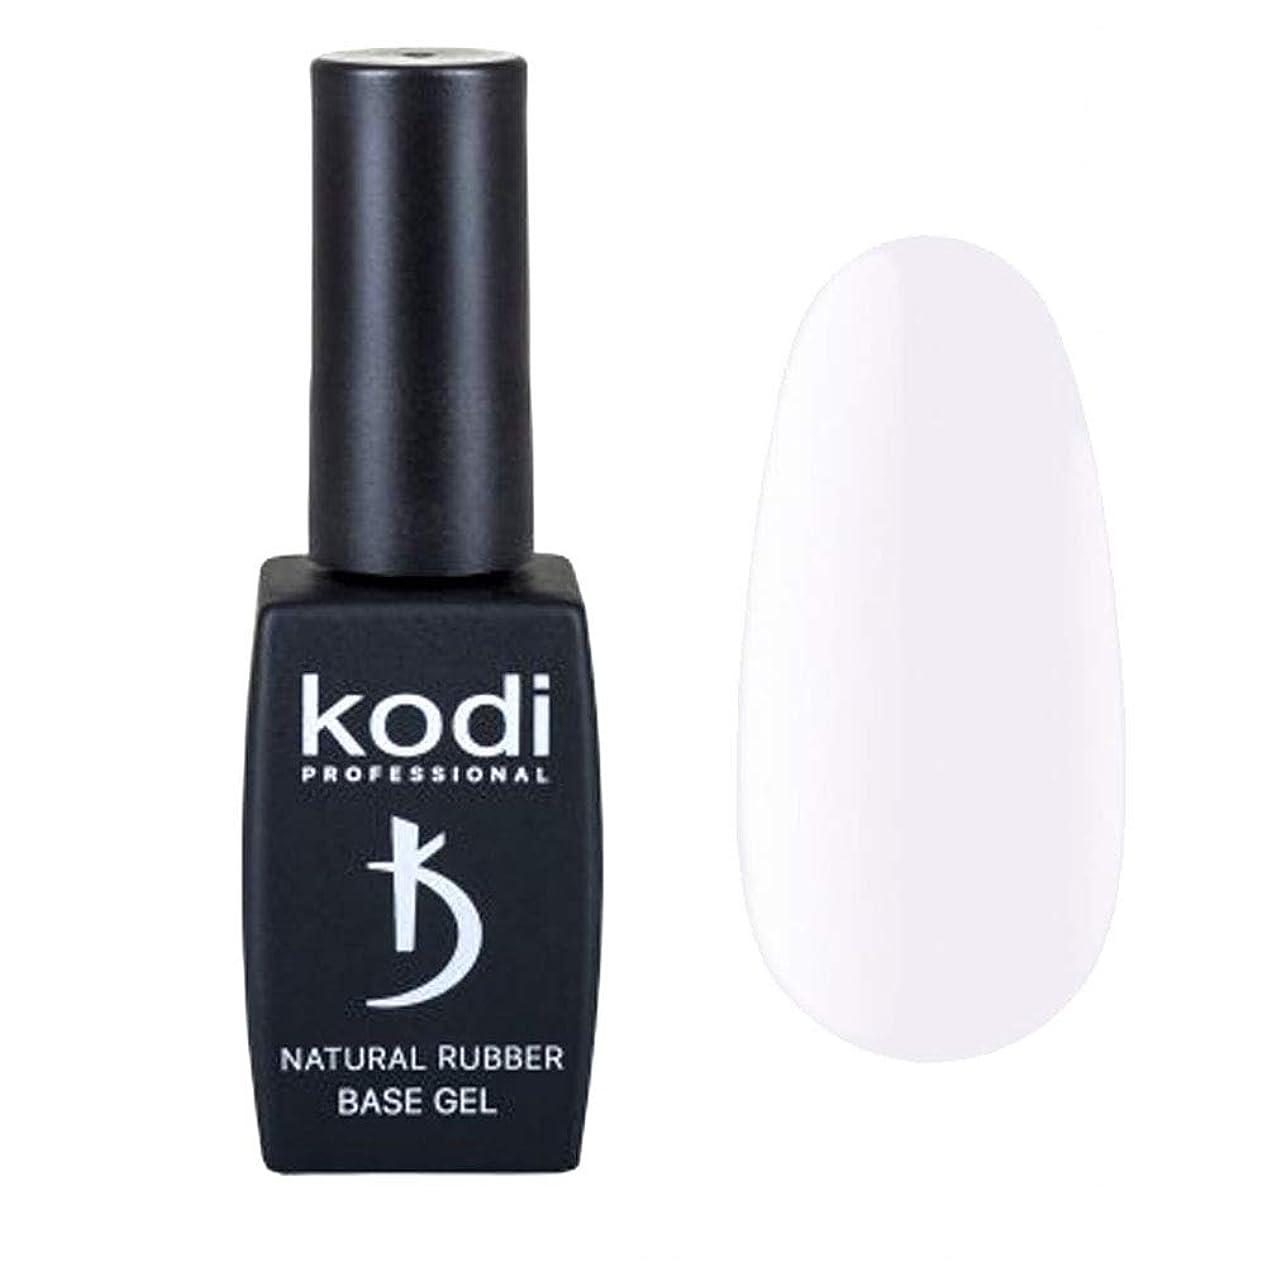 不規則なゴミ箱を空にする提唱するKodi Professional New Collection BW White #10 Color Gel Nail Polish 12ml 0.42 Fl Oz LED UV Genuine Soak Off